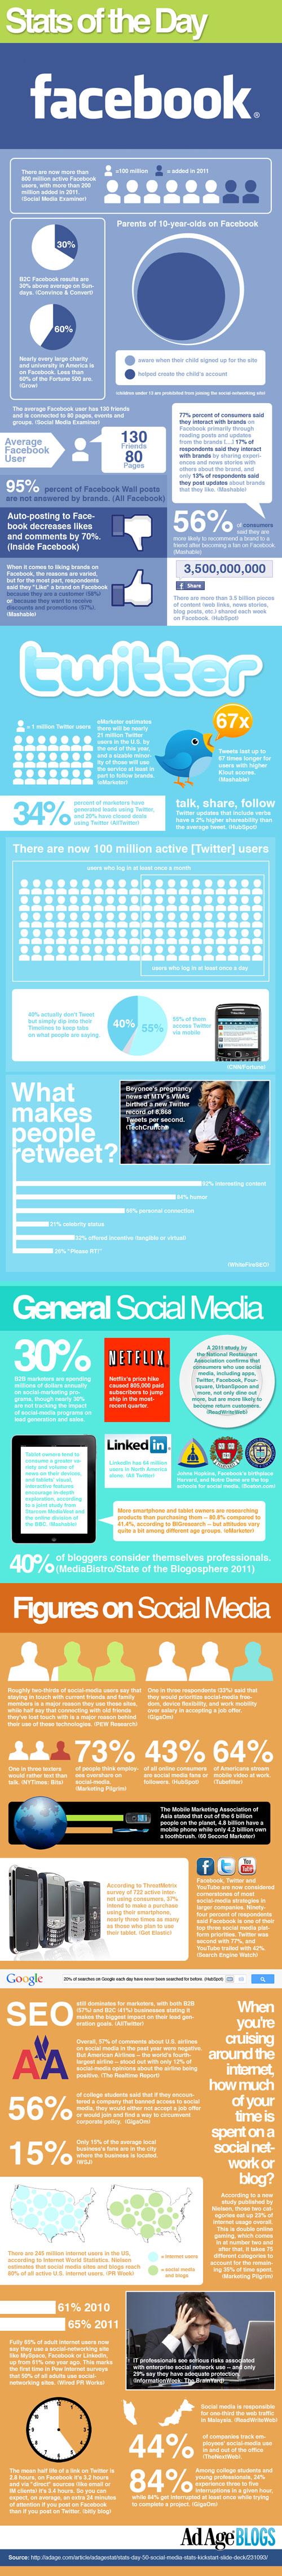 Social Media and Startup Ecosystem, via Evan Hugh.